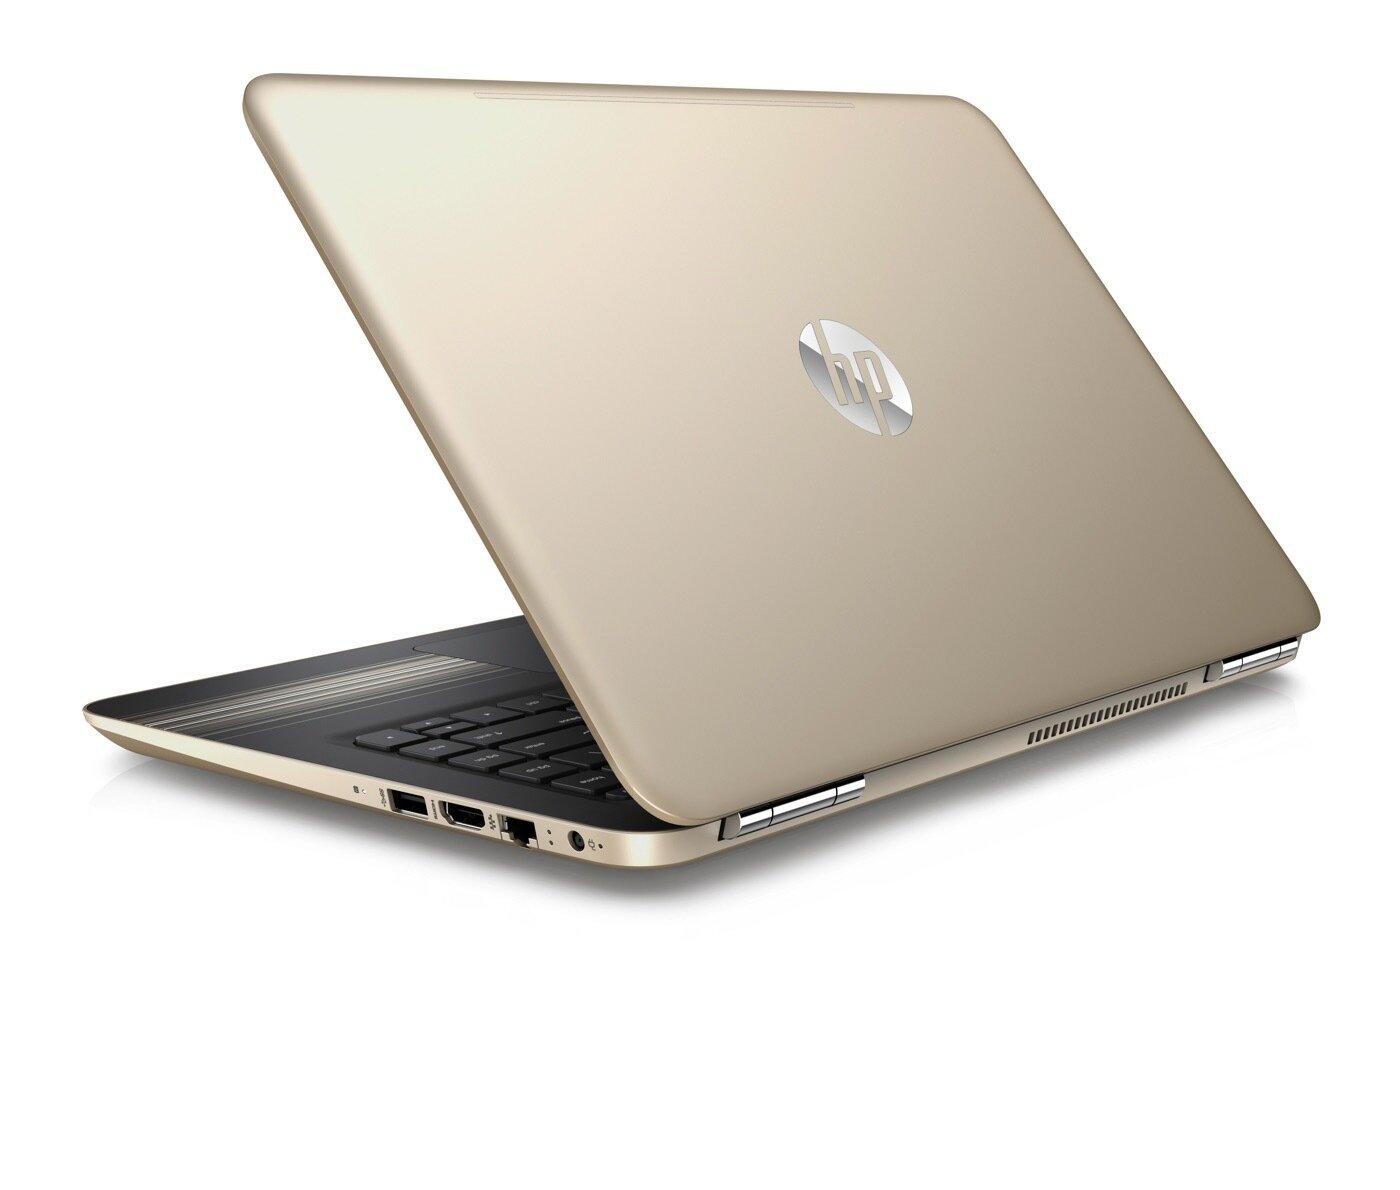 Laptop HP Pavilion 13-u040TU x360  (X3C29PA)  - Core I5-6200U 2x2.3GHz, Ram 4GB, 500GB - Màn hình cảm ứng lật 360 độ